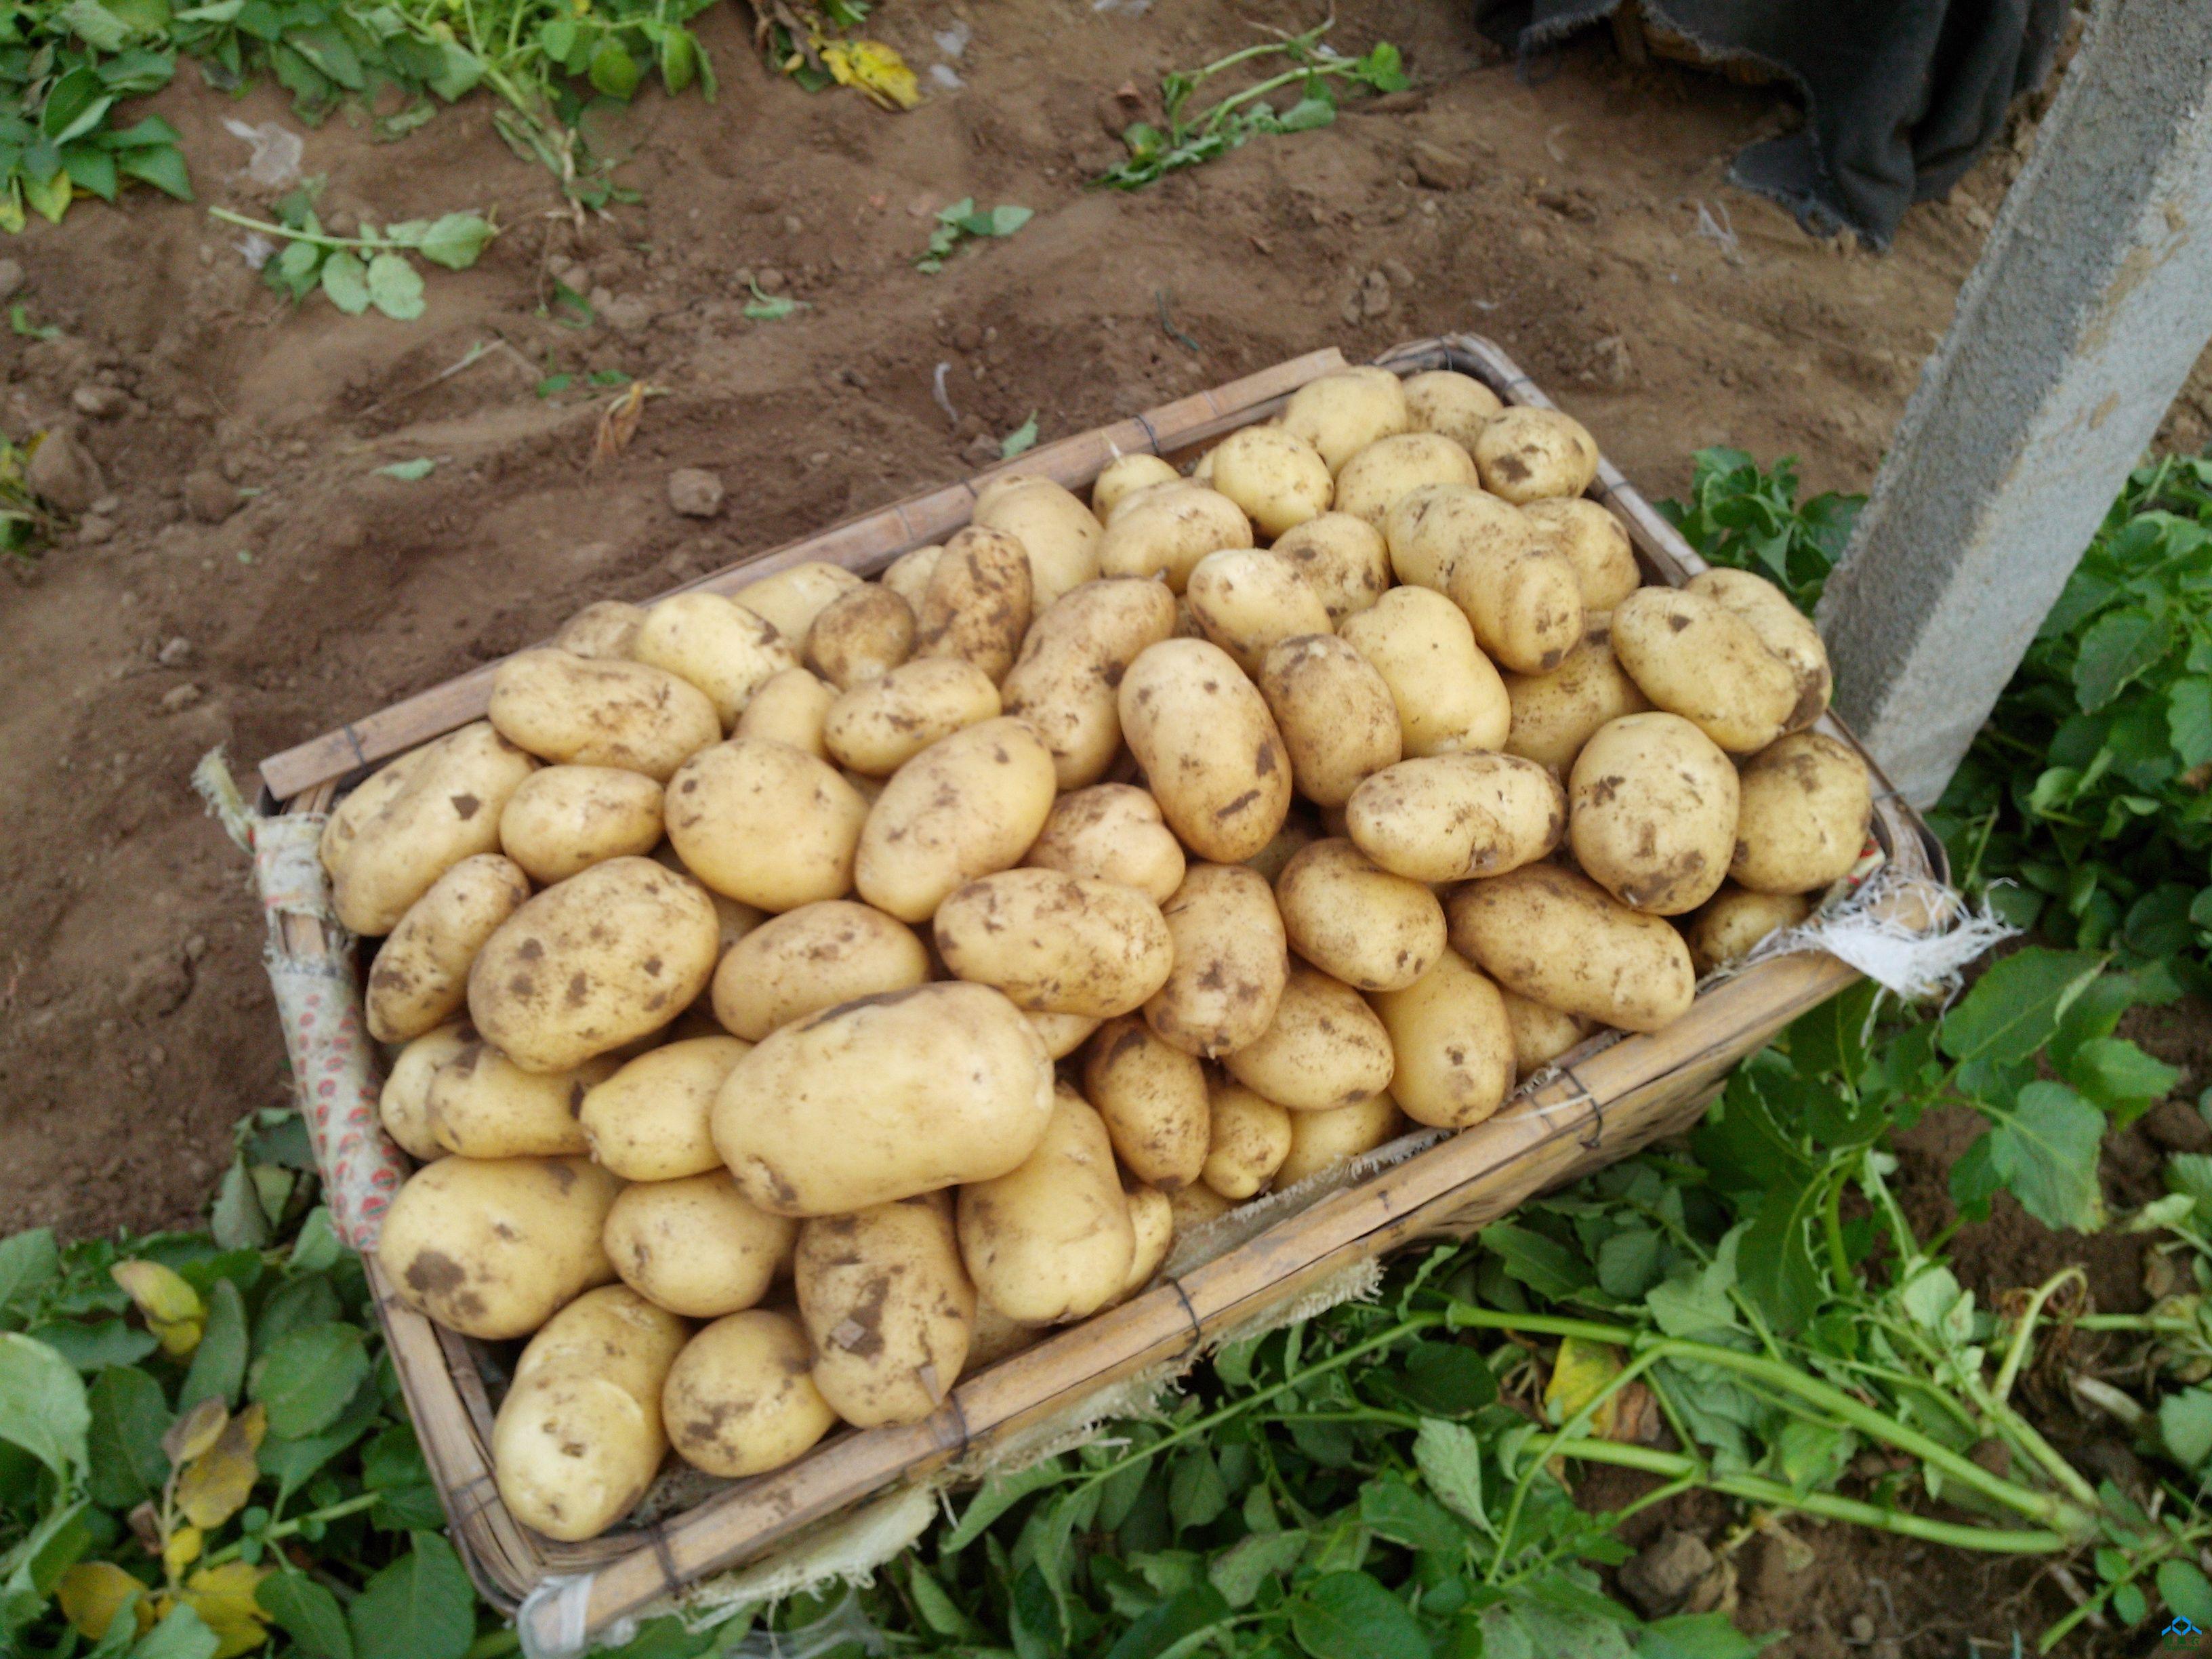 土豆种切块时每种块至少有一芽眼.10~15块/斤为宜